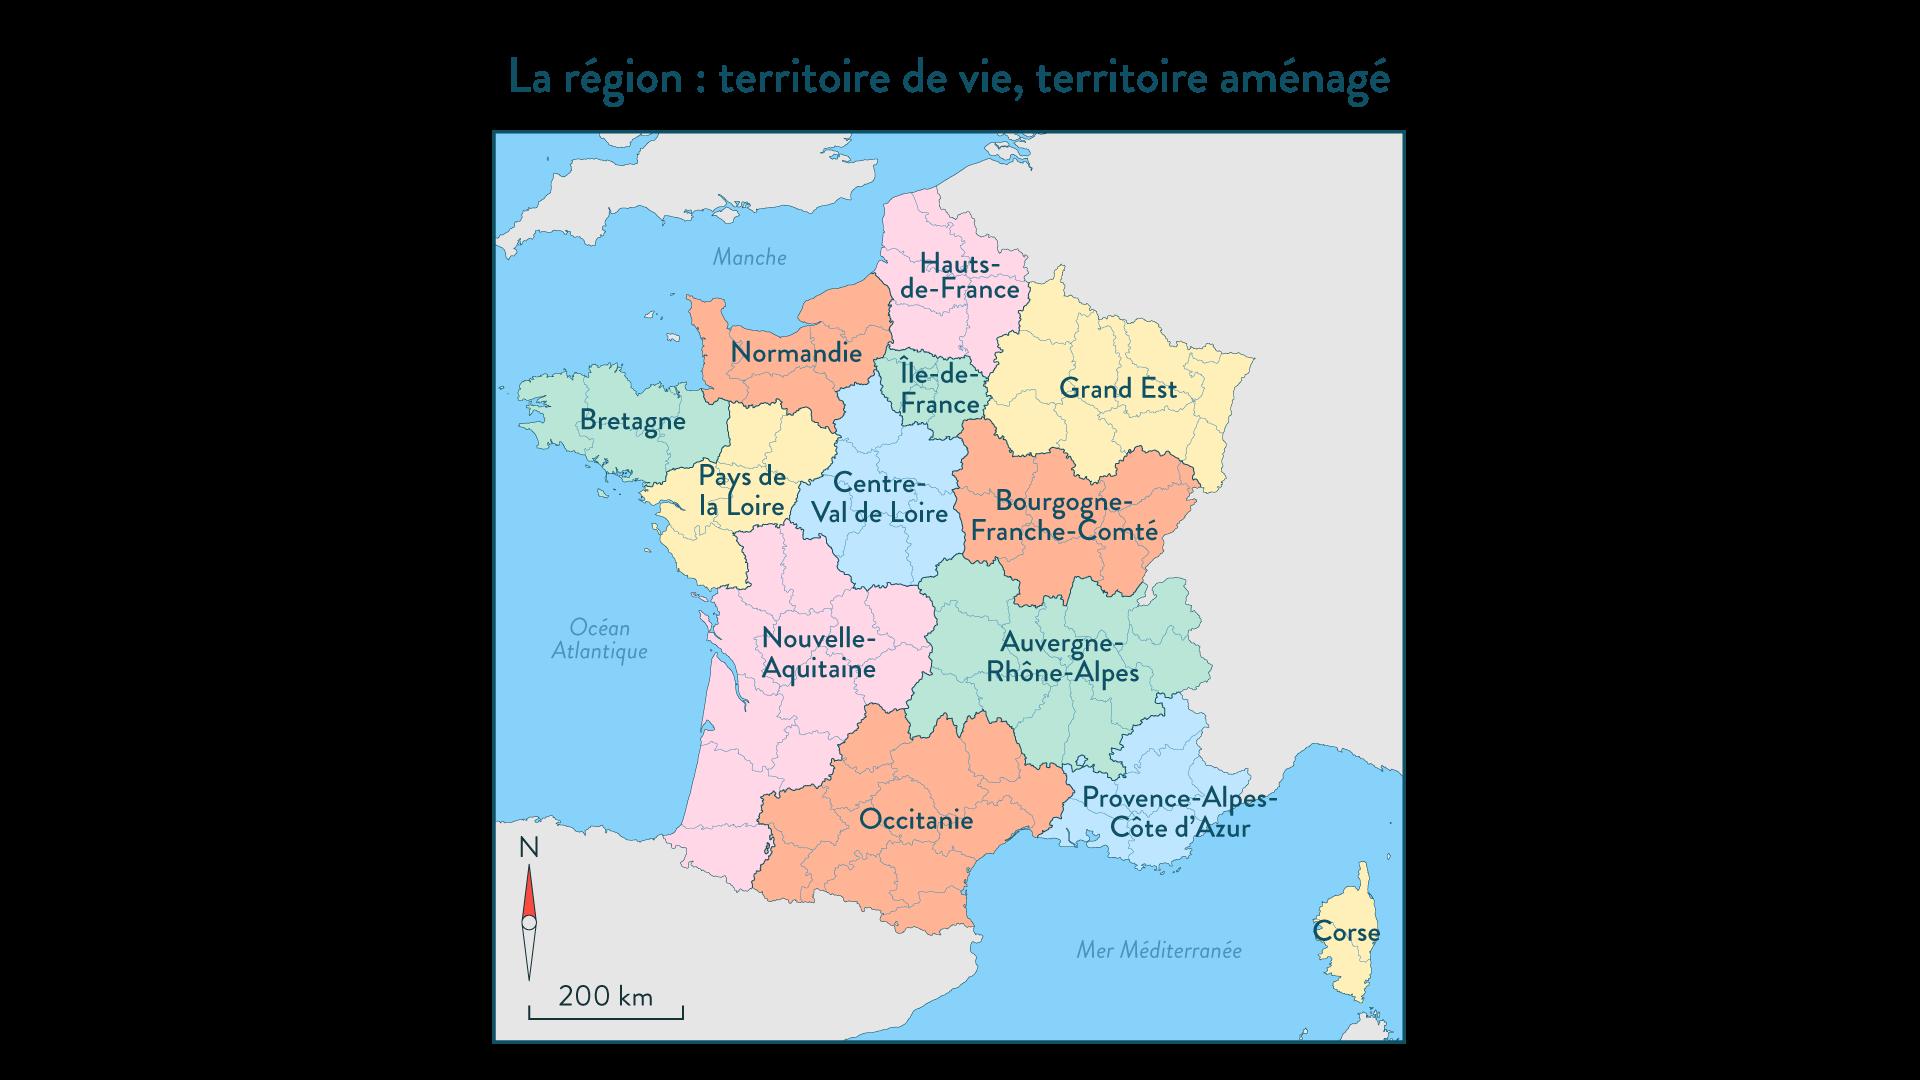 La région : territoire de vie, territoire aménagé